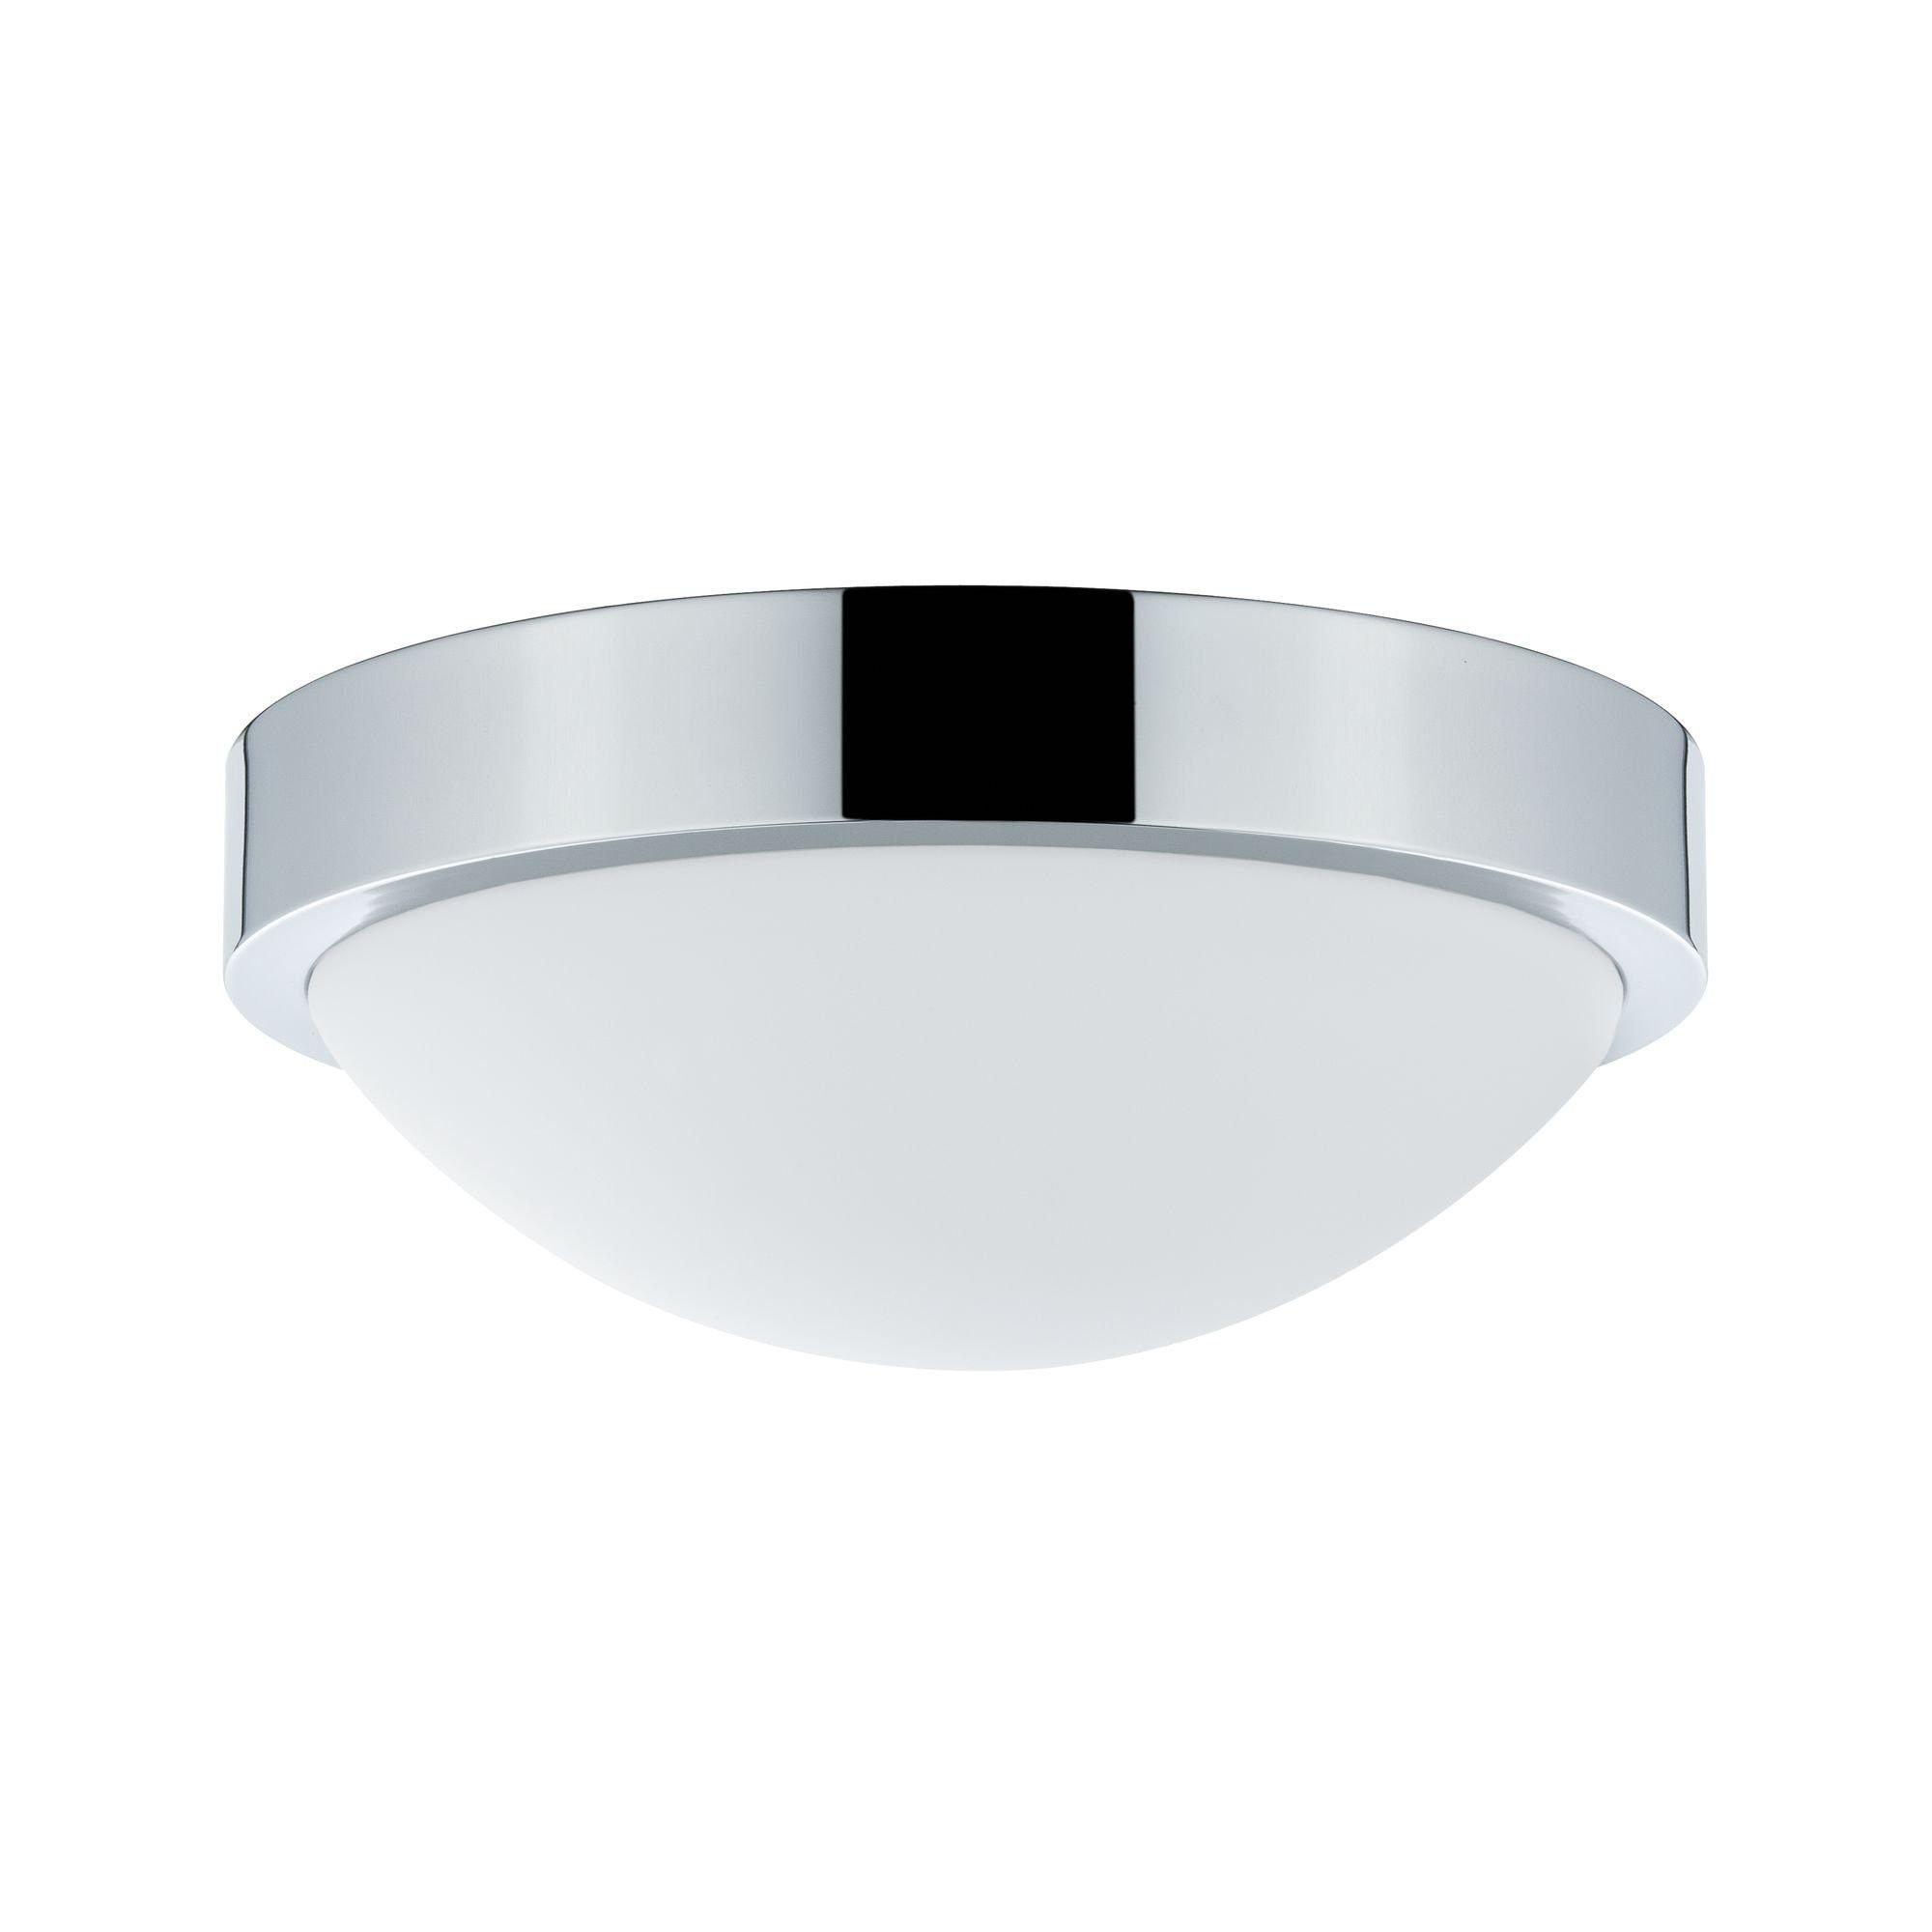 Paulmann LED Deckenleuchte Falima Chrom/Weiß max. 18W E27, E27, 1 St.